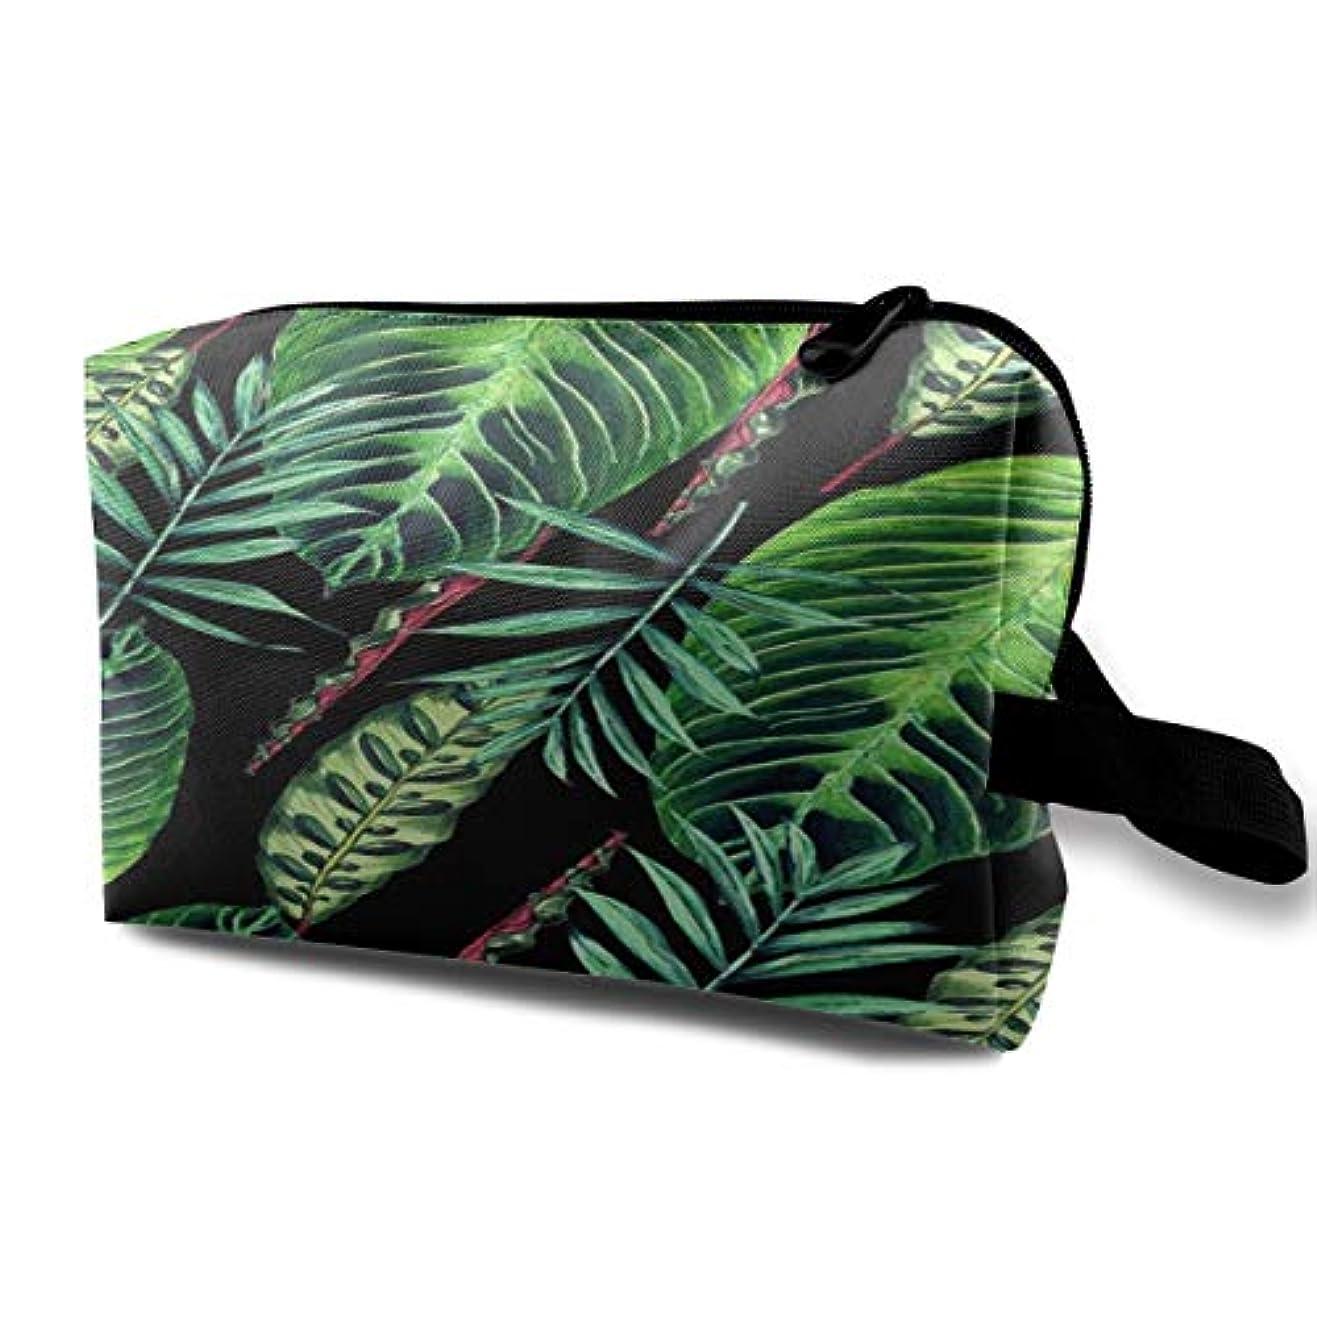 品種みなさん試みるBanana Leaf Pattern 収納ポーチ 化粧ポーチ 大容量 軽量 耐久性 ハンドル付持ち運び便利。入れ 自宅?出張?旅行?アウトドア撮影などに対応。メンズ レディース トラベルグッズ